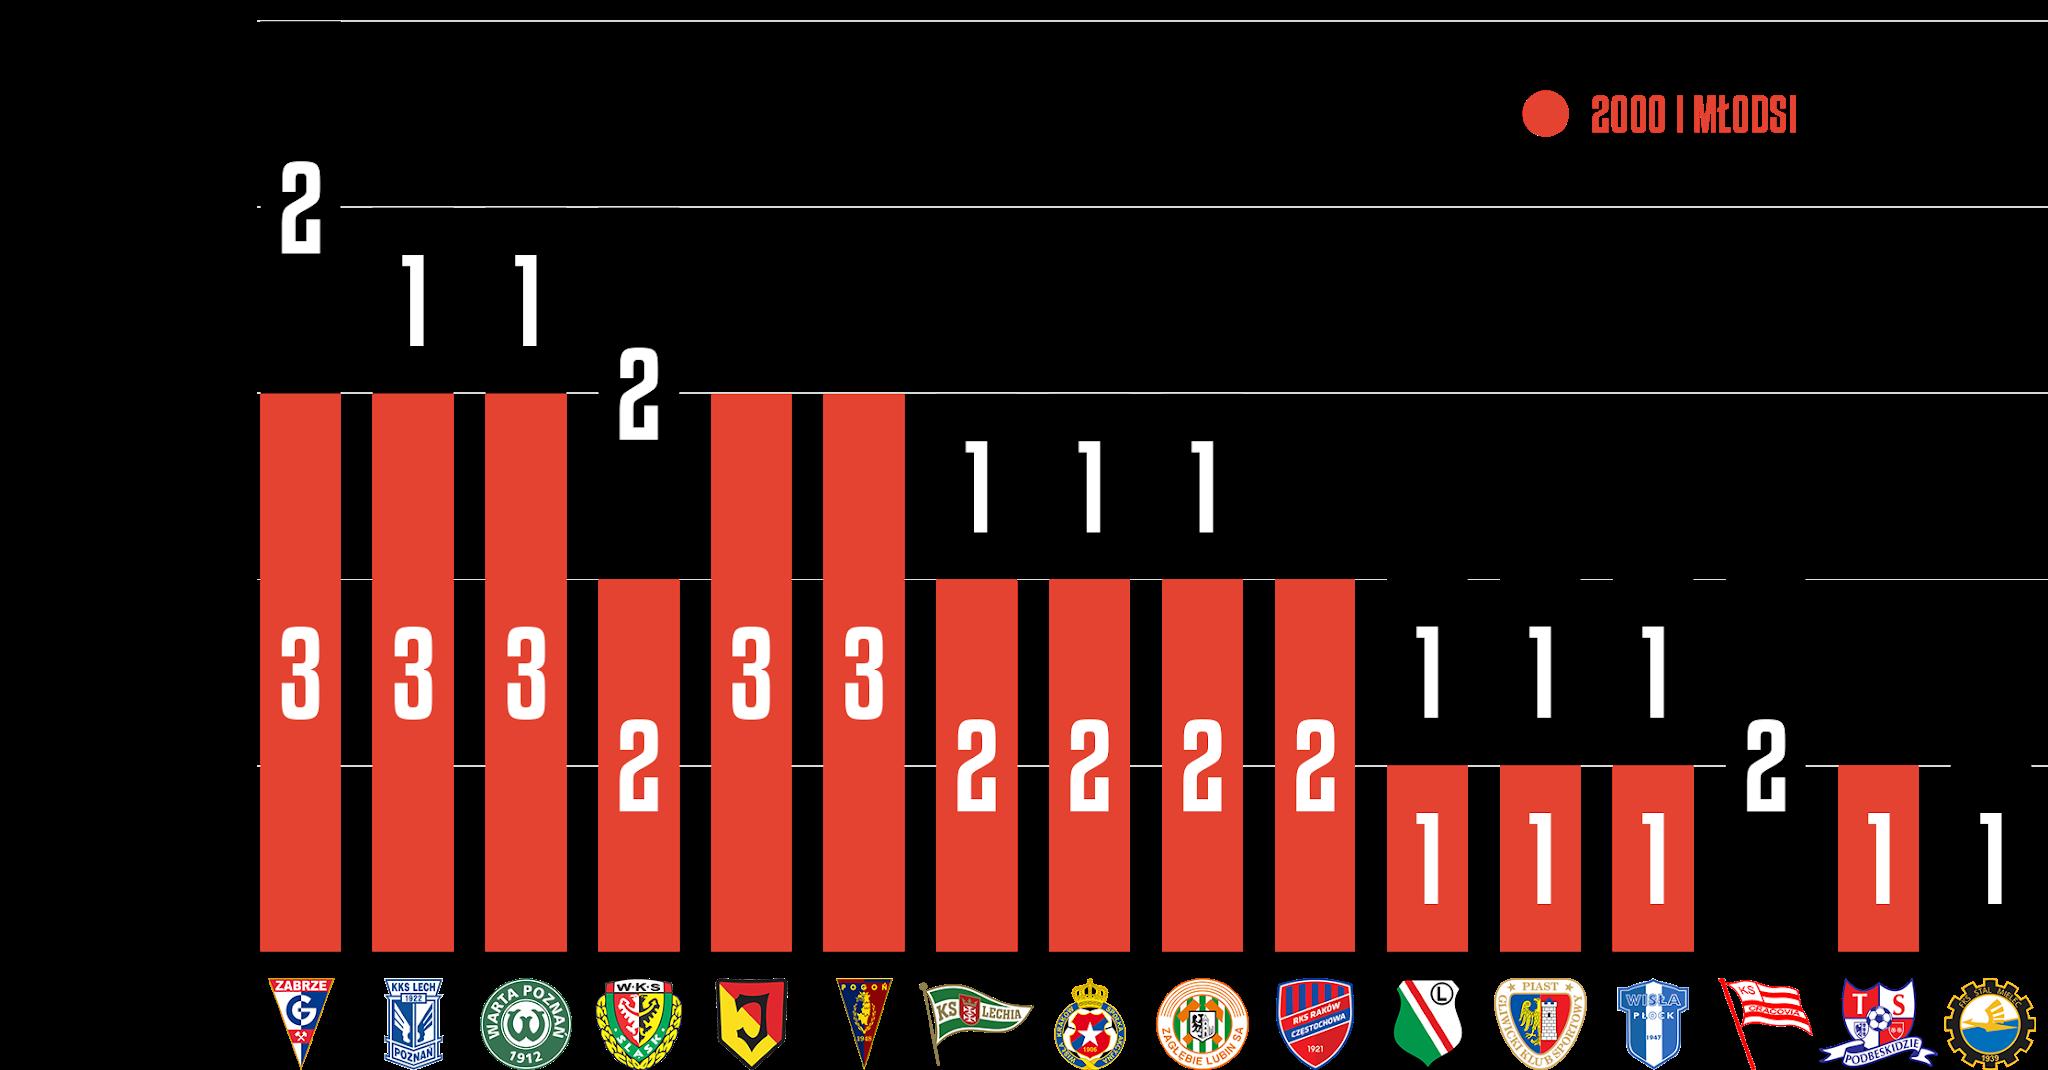 Młodzieżowcy w 28. kolejce PKO Ekstraklasy<br><br>Źródło: Opracowanie własne na podstawie ekstrastats.pl<br><br>graf. Bartosz Urban